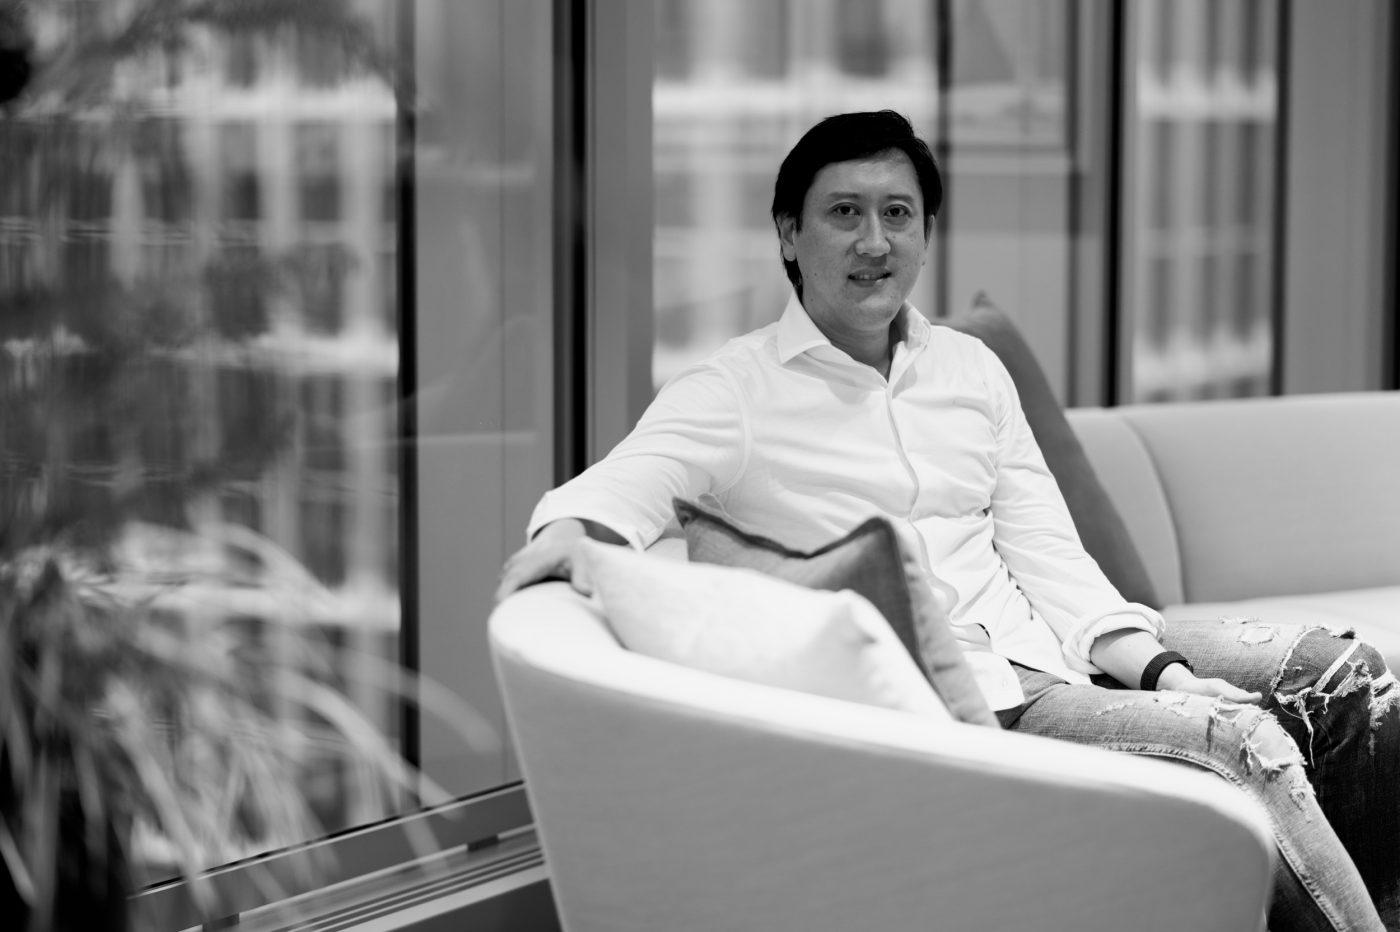 【サブスクリプション】SaaSの事業拡大に必要なカスタマーサクセスの思想 Salesforce Ventures日本代表 浅田慎二